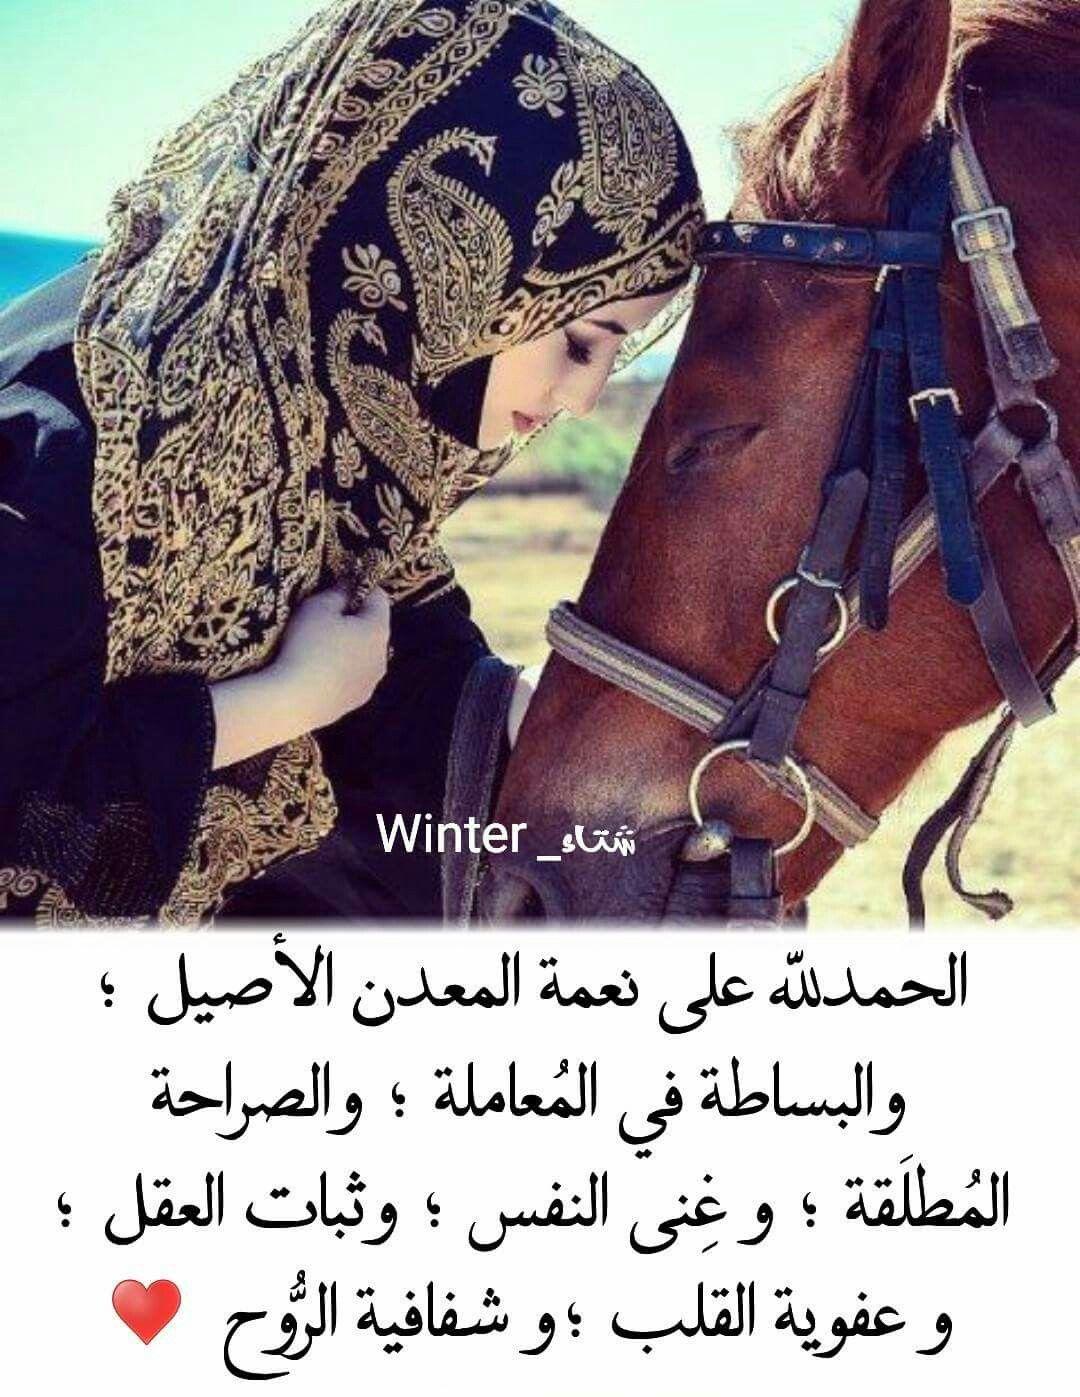 الحمد لله علي كل شيئ Beautiful Morning Islam Hadith Arabic Quotes